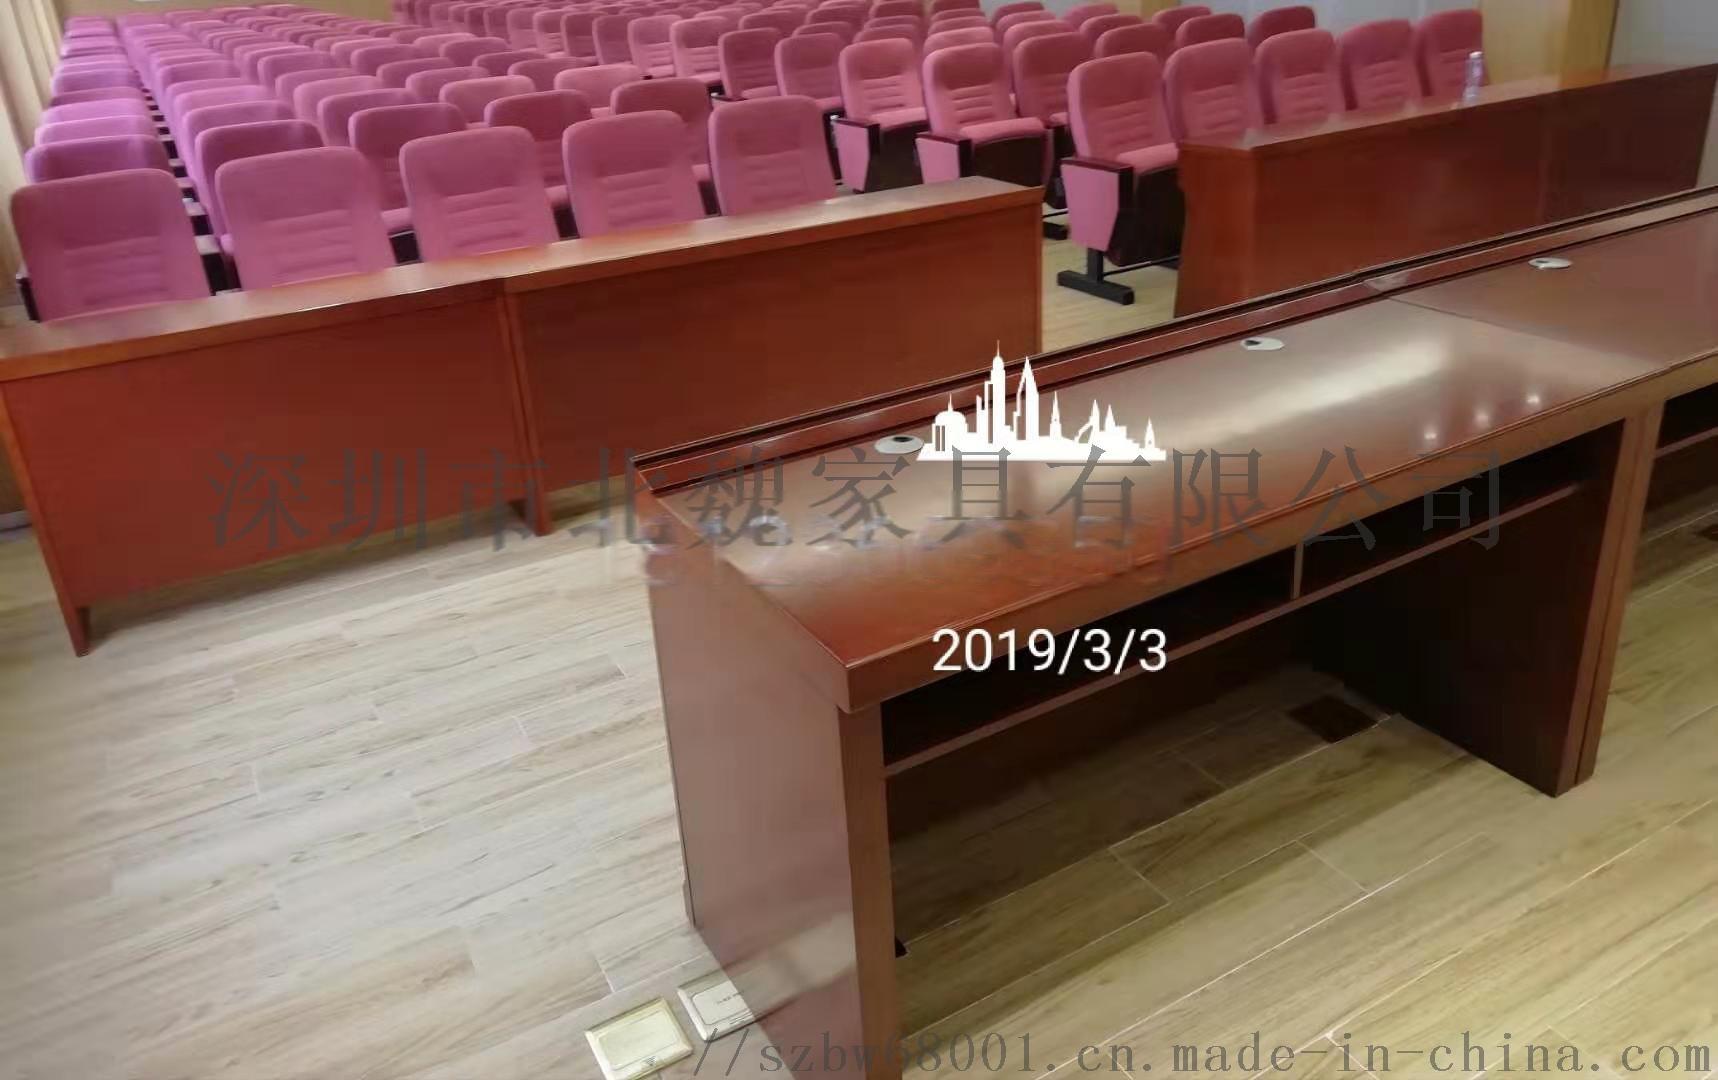 广东礼堂椅厂、广东剧院椅厂、广东公共家具礼堂椅106006685